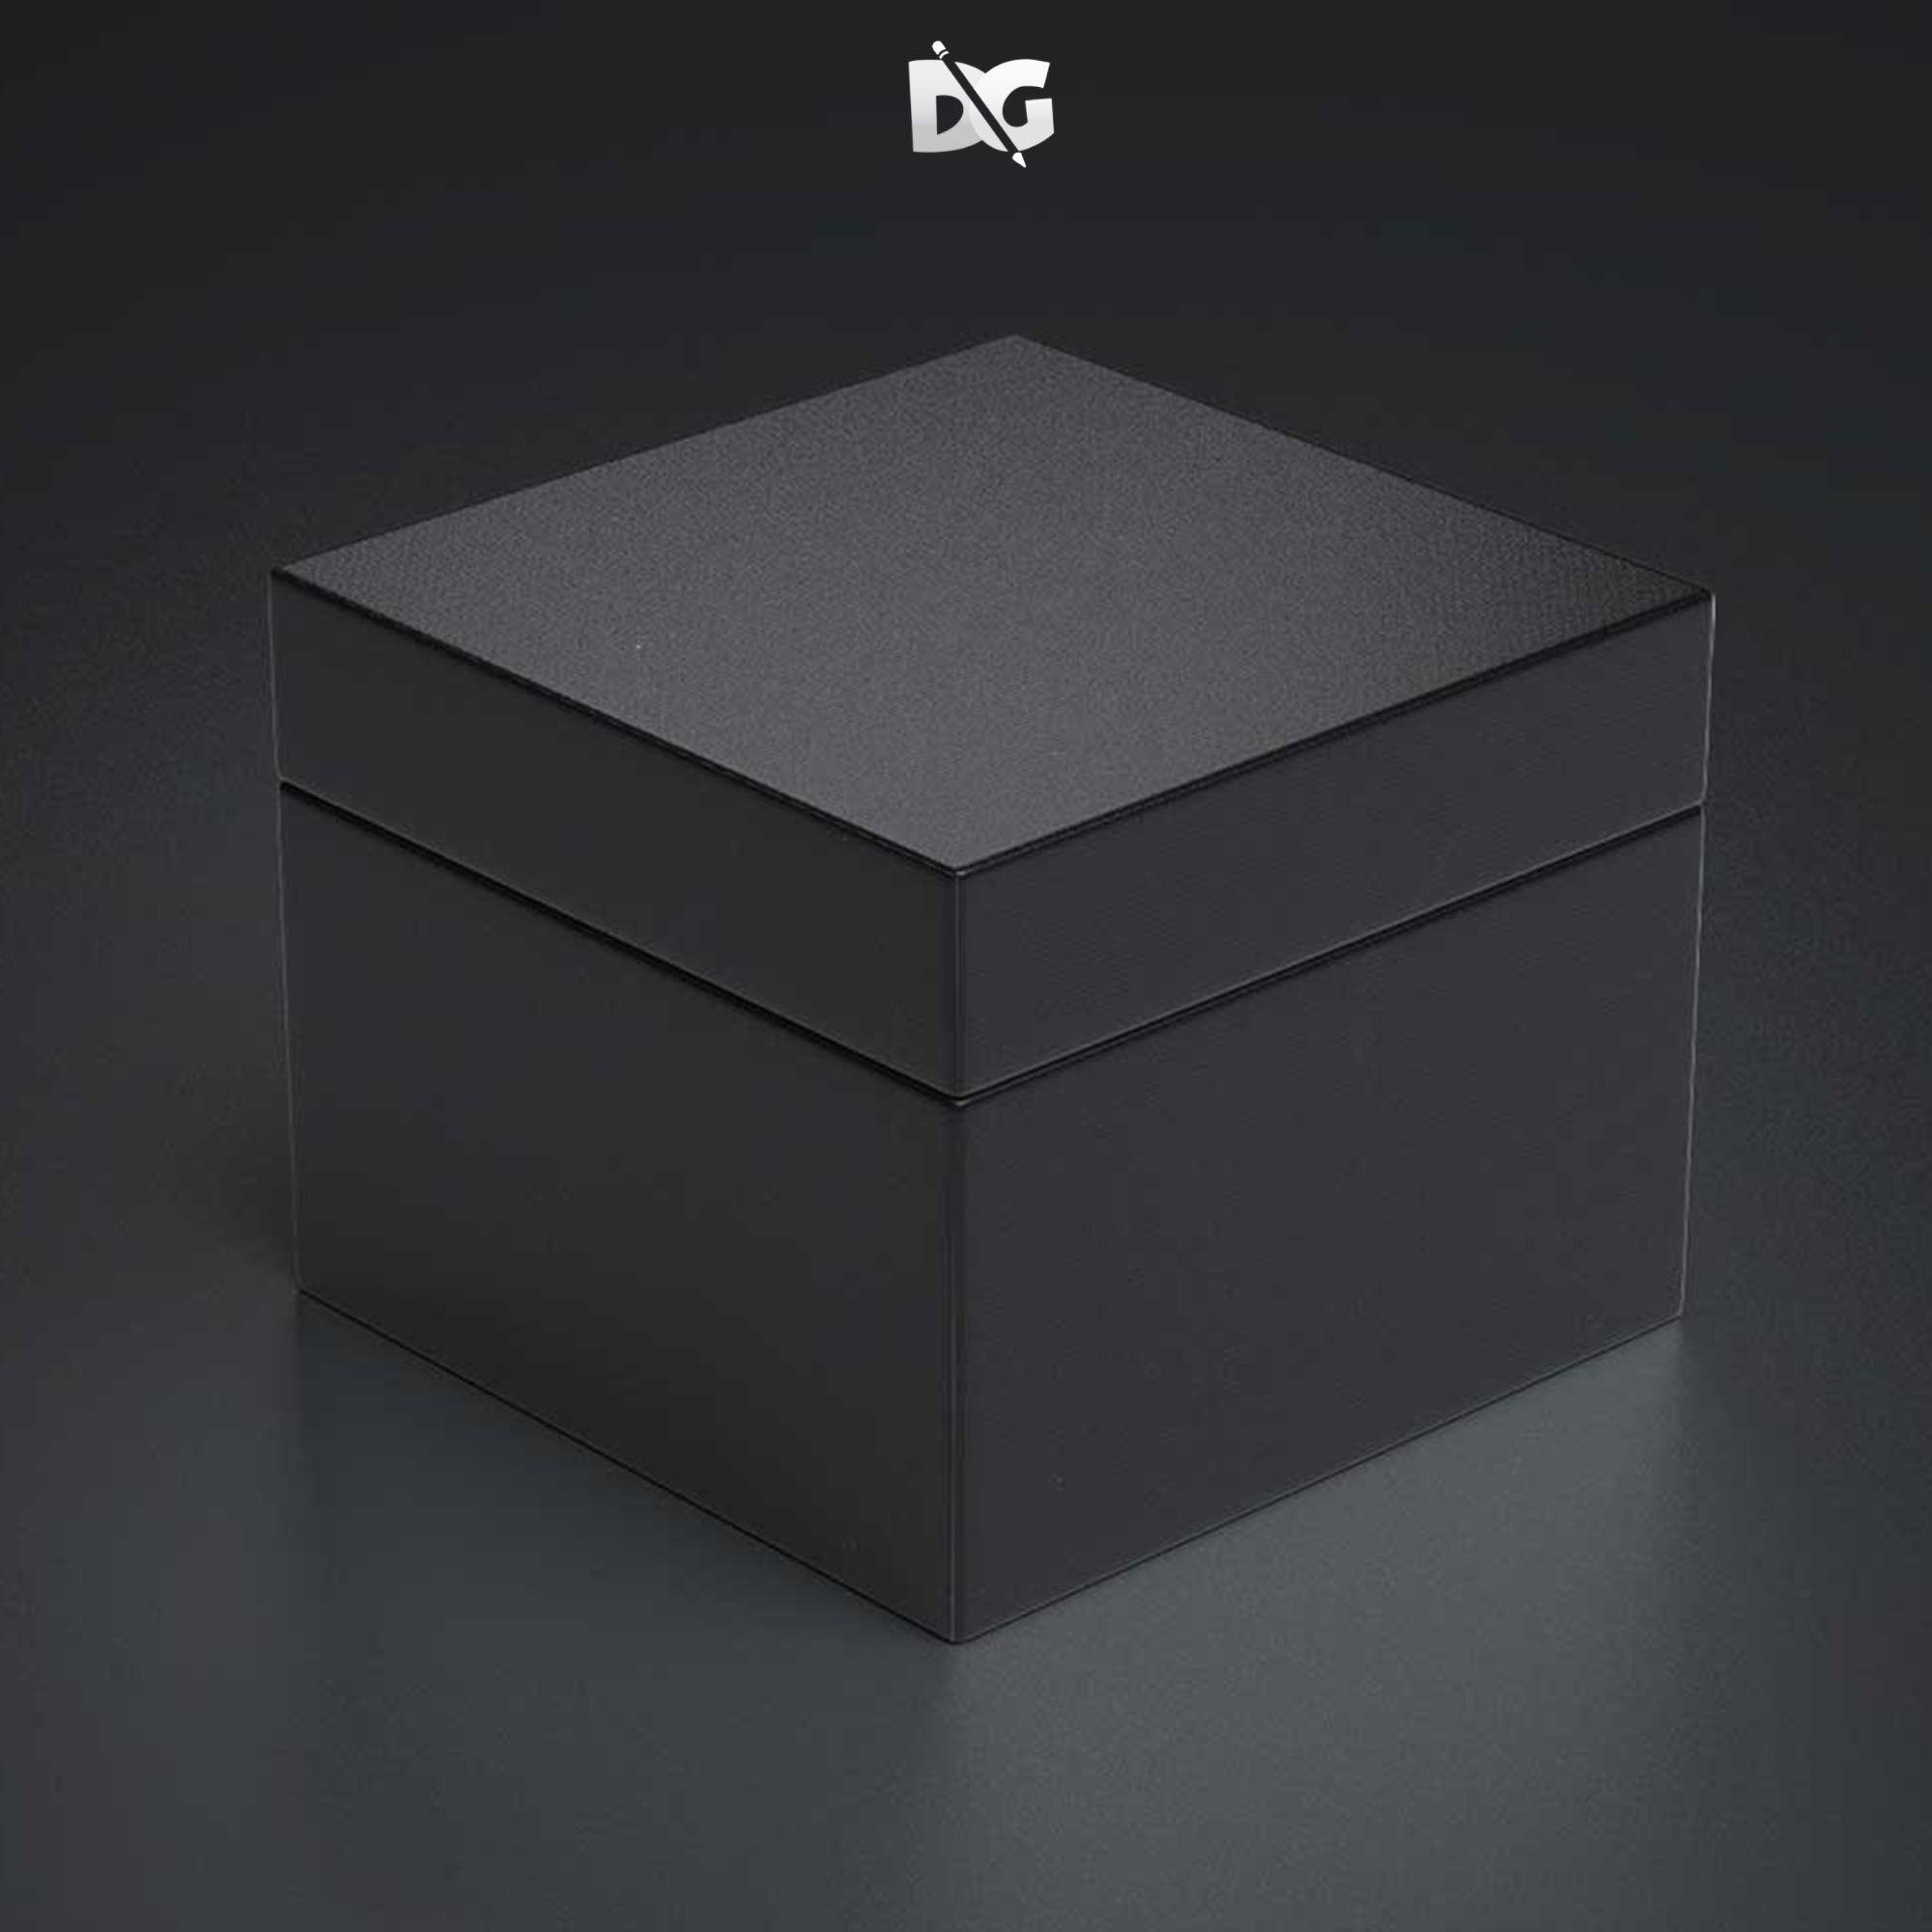 Download Free Clean Packed Box Mockup Box Mockup Free Logo Mockup Logo Design Mockup